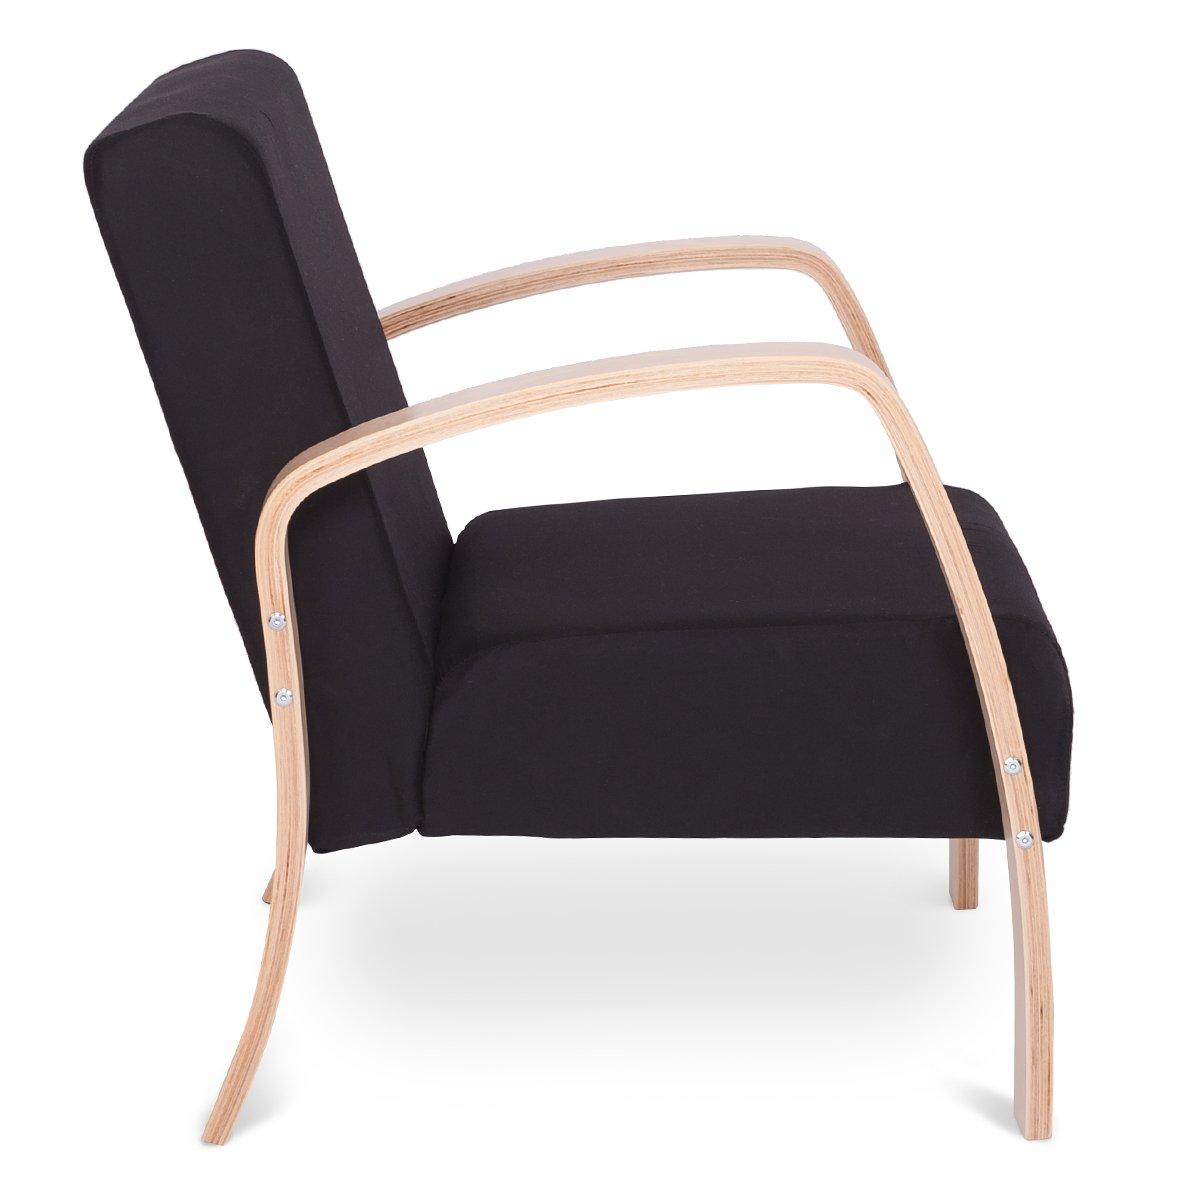 Dxp poltrona, sedia relax, divano 1 posto, singolo divanetti ...